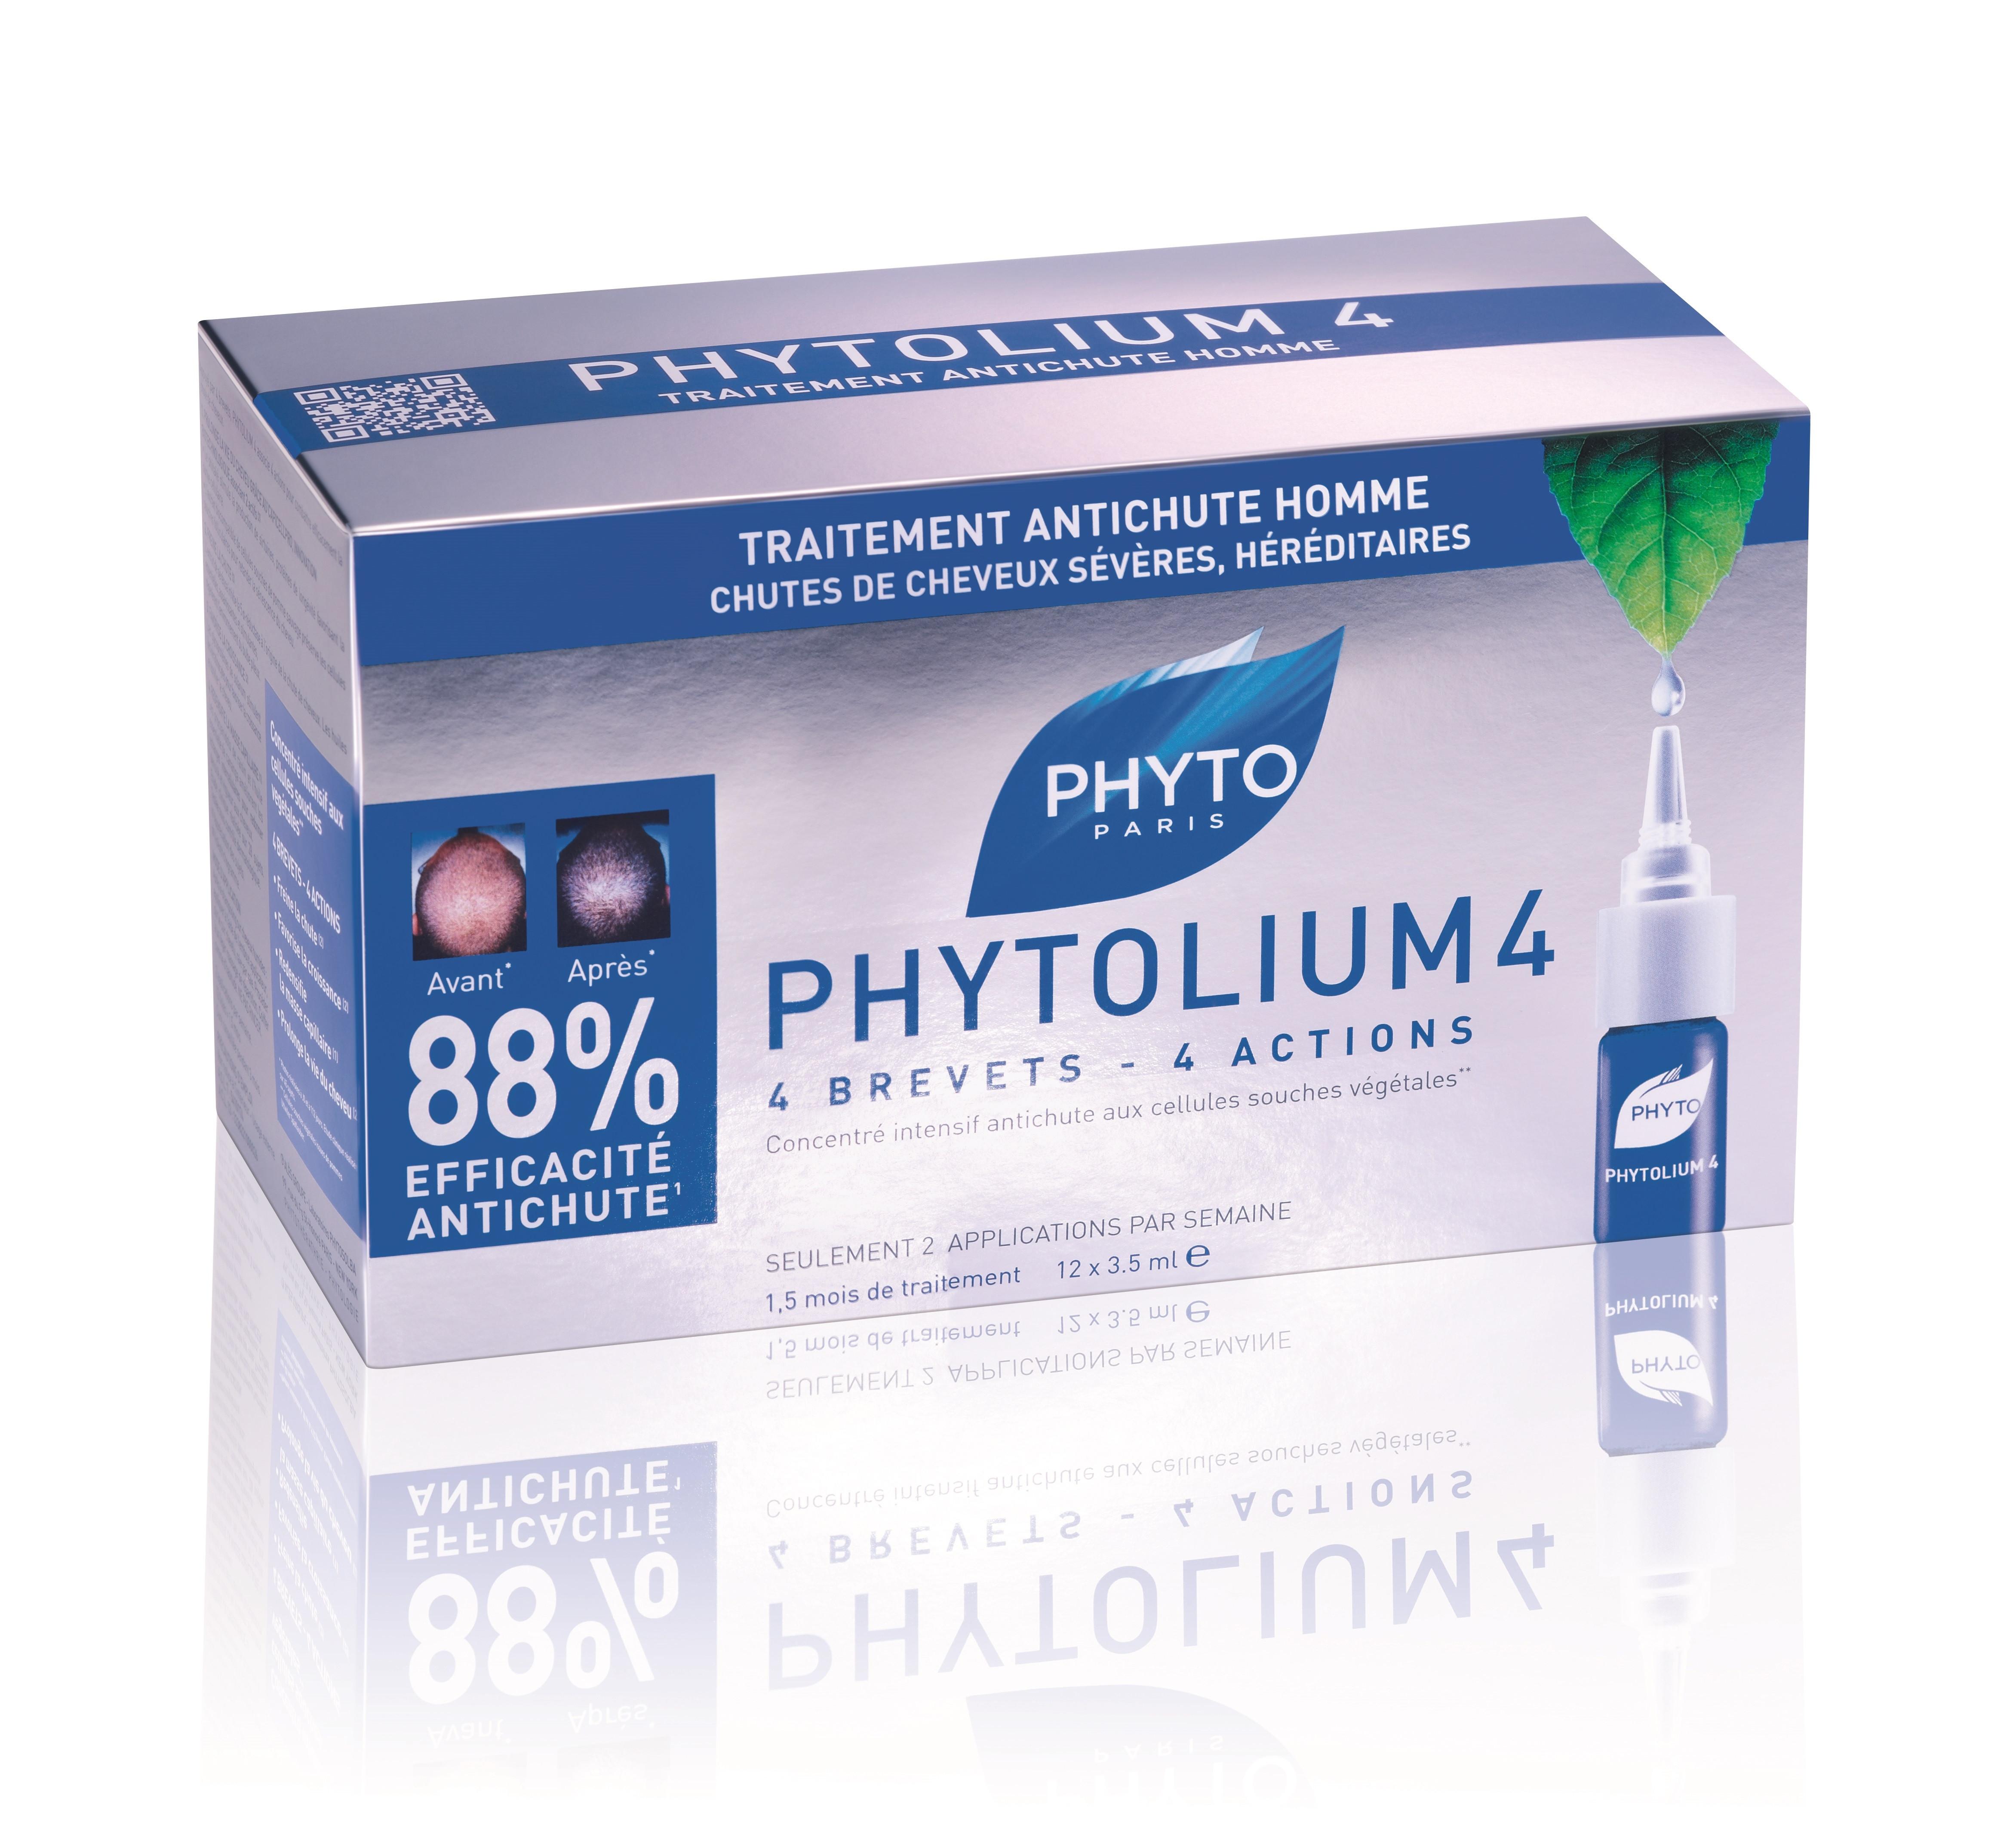 ФИТО ФИТОЛИУМ 4 Серум срещу обилен и постоянен косопад 12бр ампули x3.5мл | PHYTO PHYTOLIUM 4 Chronic thinning hair treatment 12x3.5ml